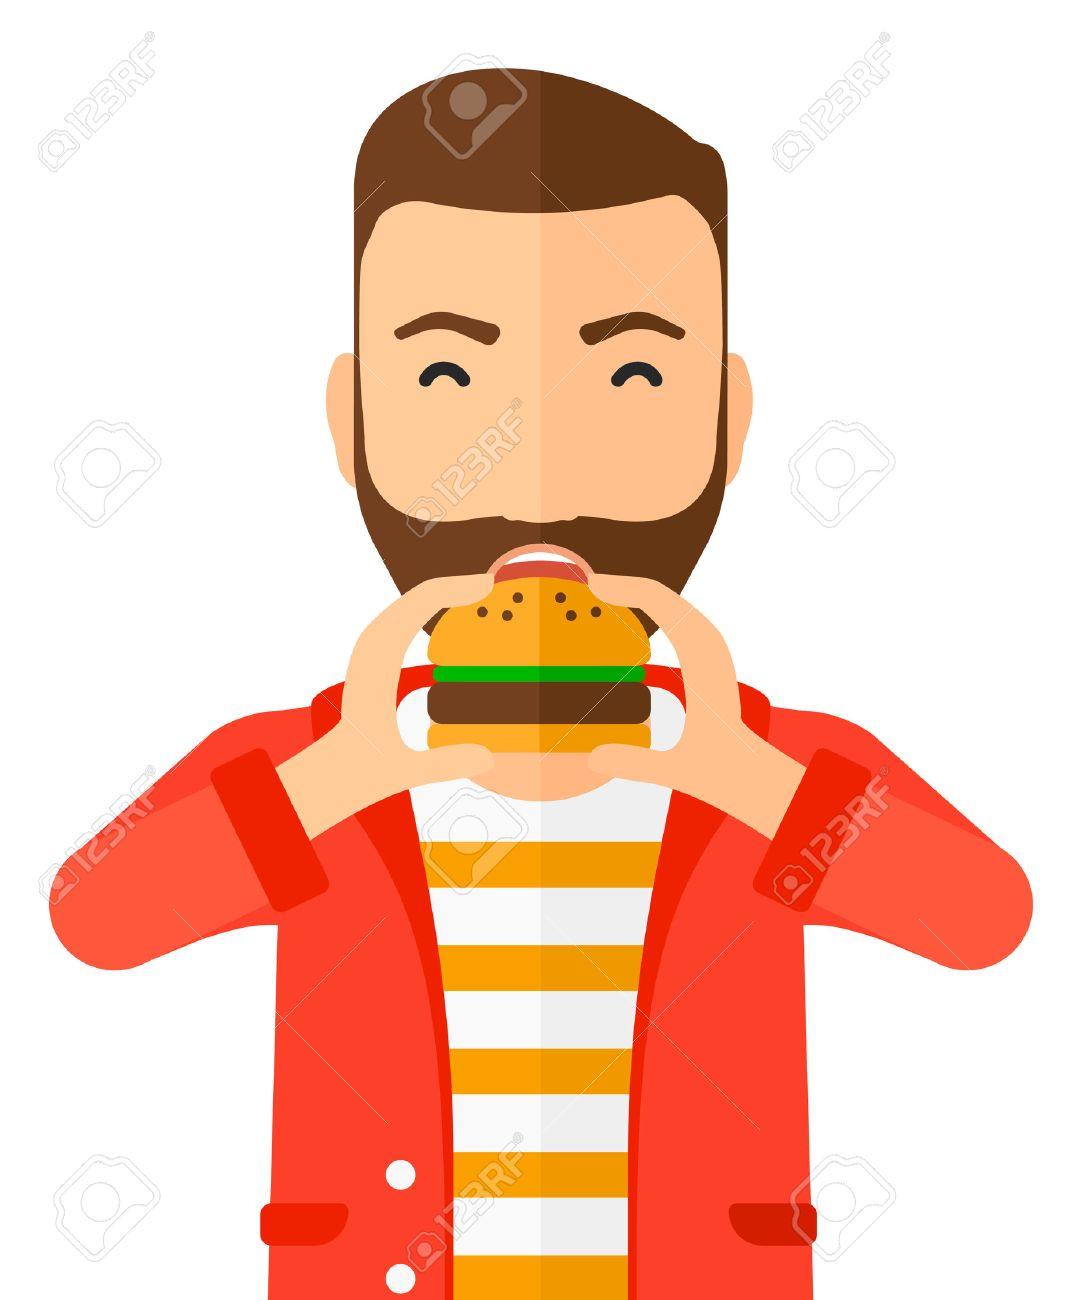 Un hippie homme vecteur manger hamburger design plat heureux illustration isolé sur fond blanc. disposition verticale. Banque d'images - 49128020